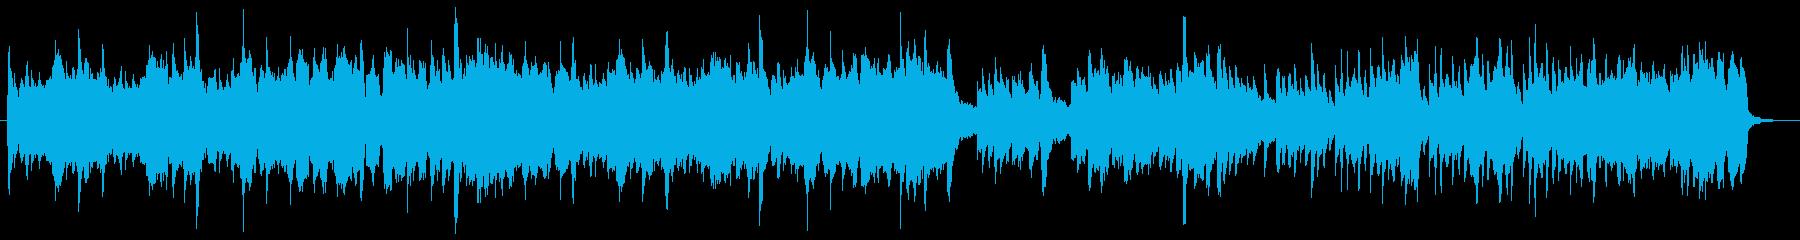 ピアノトリオ風の優しい旋律が特徴の曲の再生済みの波形